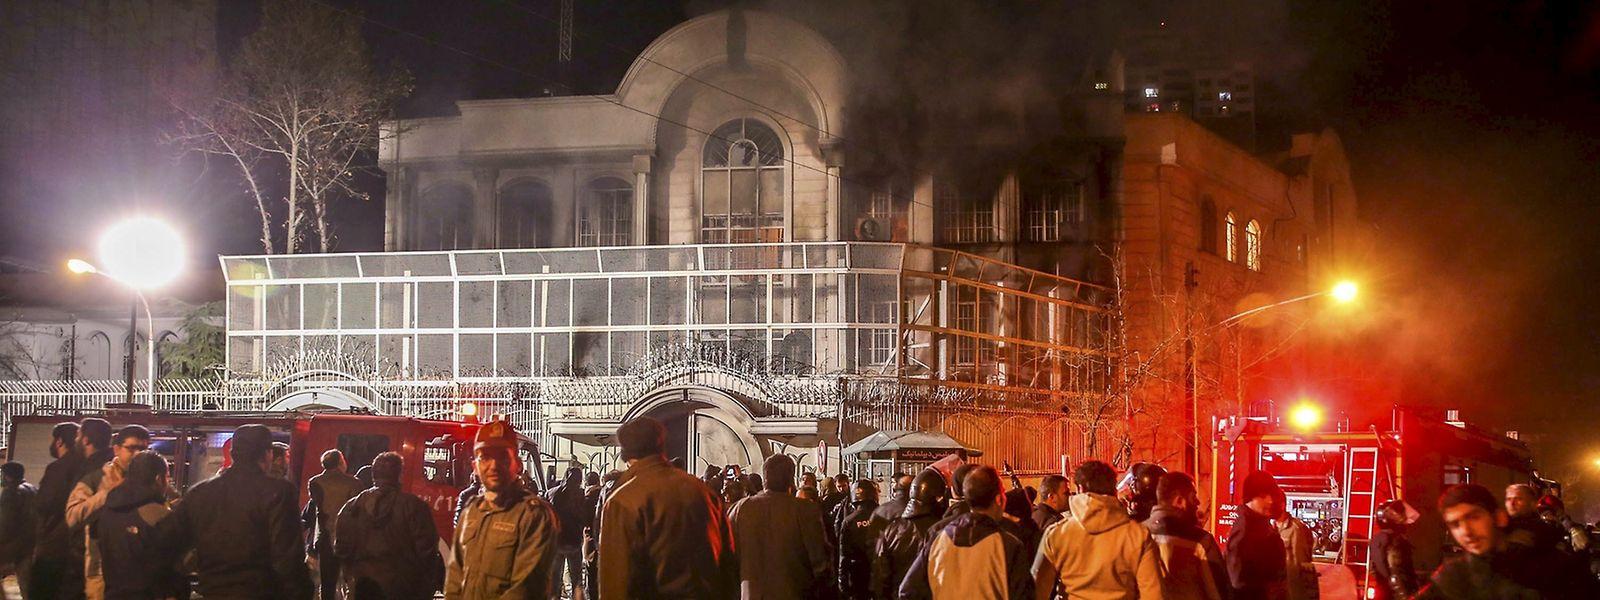 Während der Demonstration stieg Rauch aus dem Botschaftsgebäute auf.